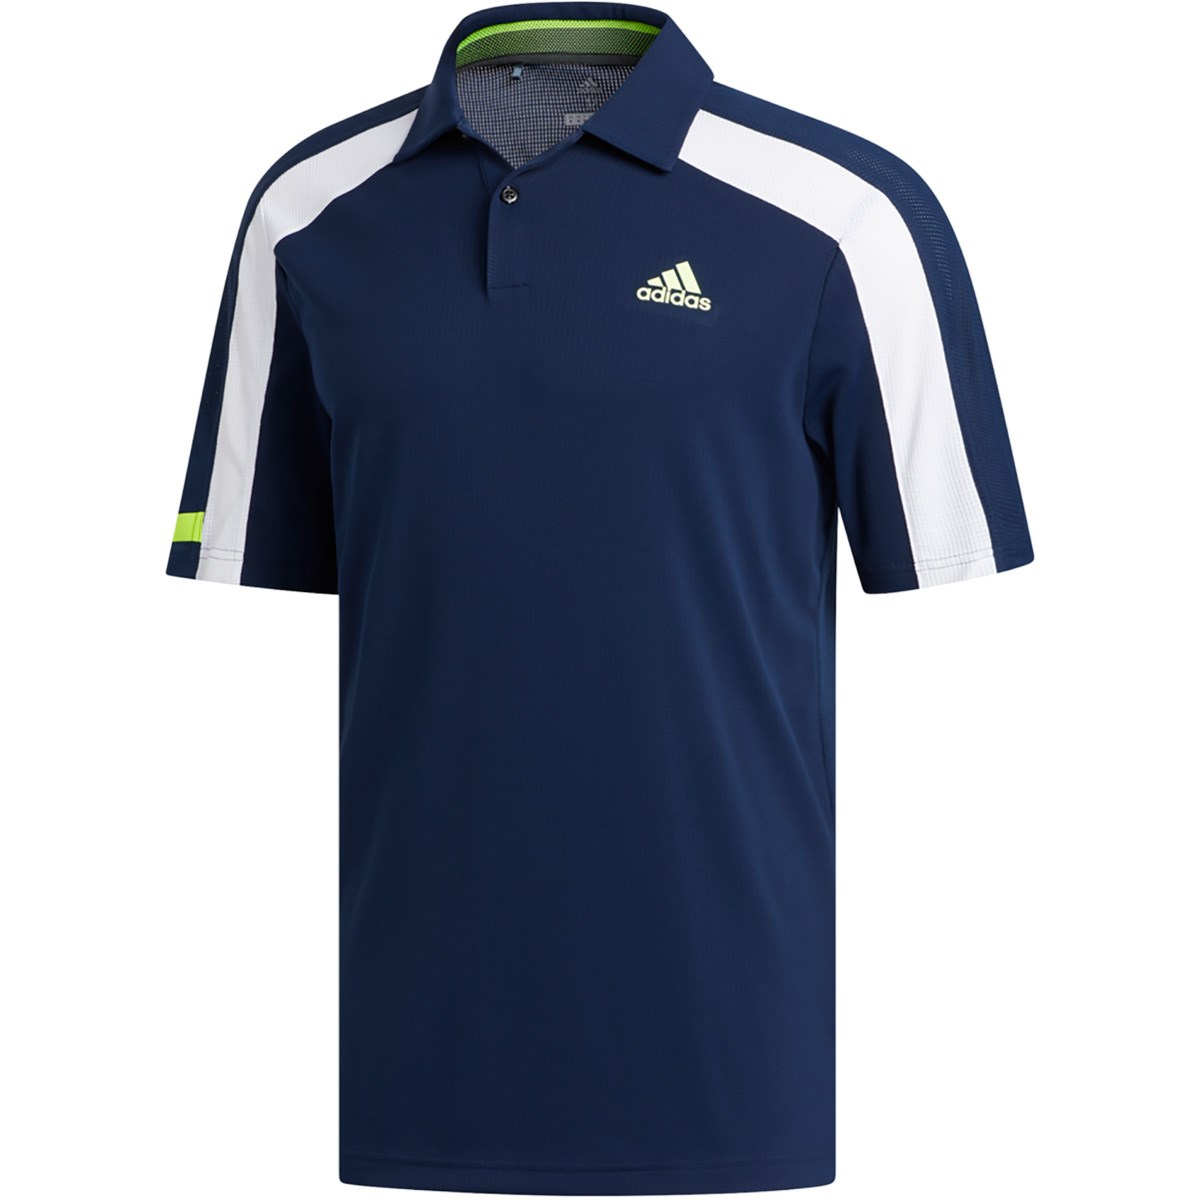 アディダス(adidas) HEAT.RDY ラインド 半袖ポロシャツ